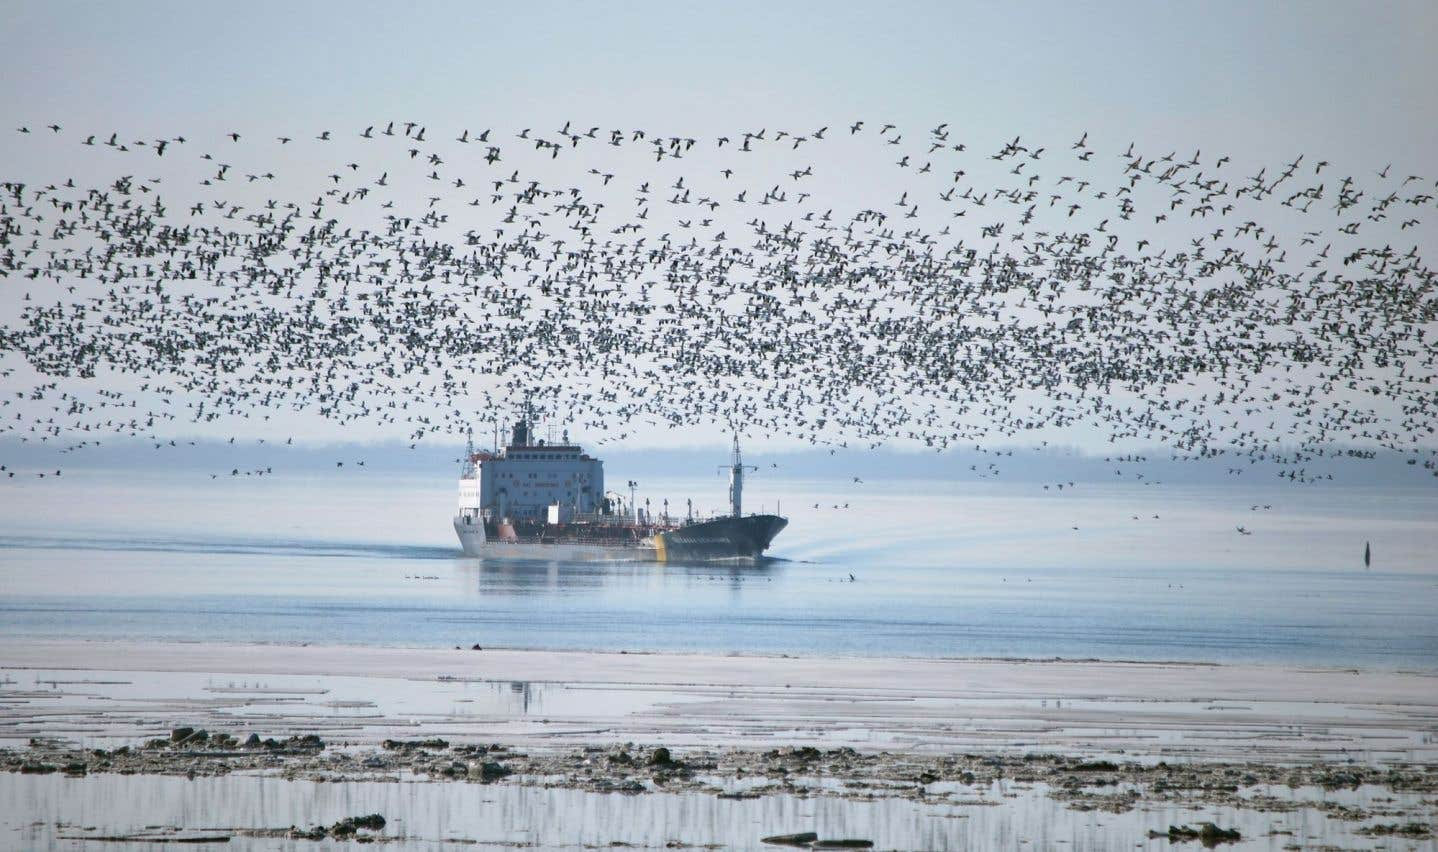 Le pilotage, un métier méconnu mais essentiel pour la sécurité du transport maritime sur le fleuve Saint-Laurent